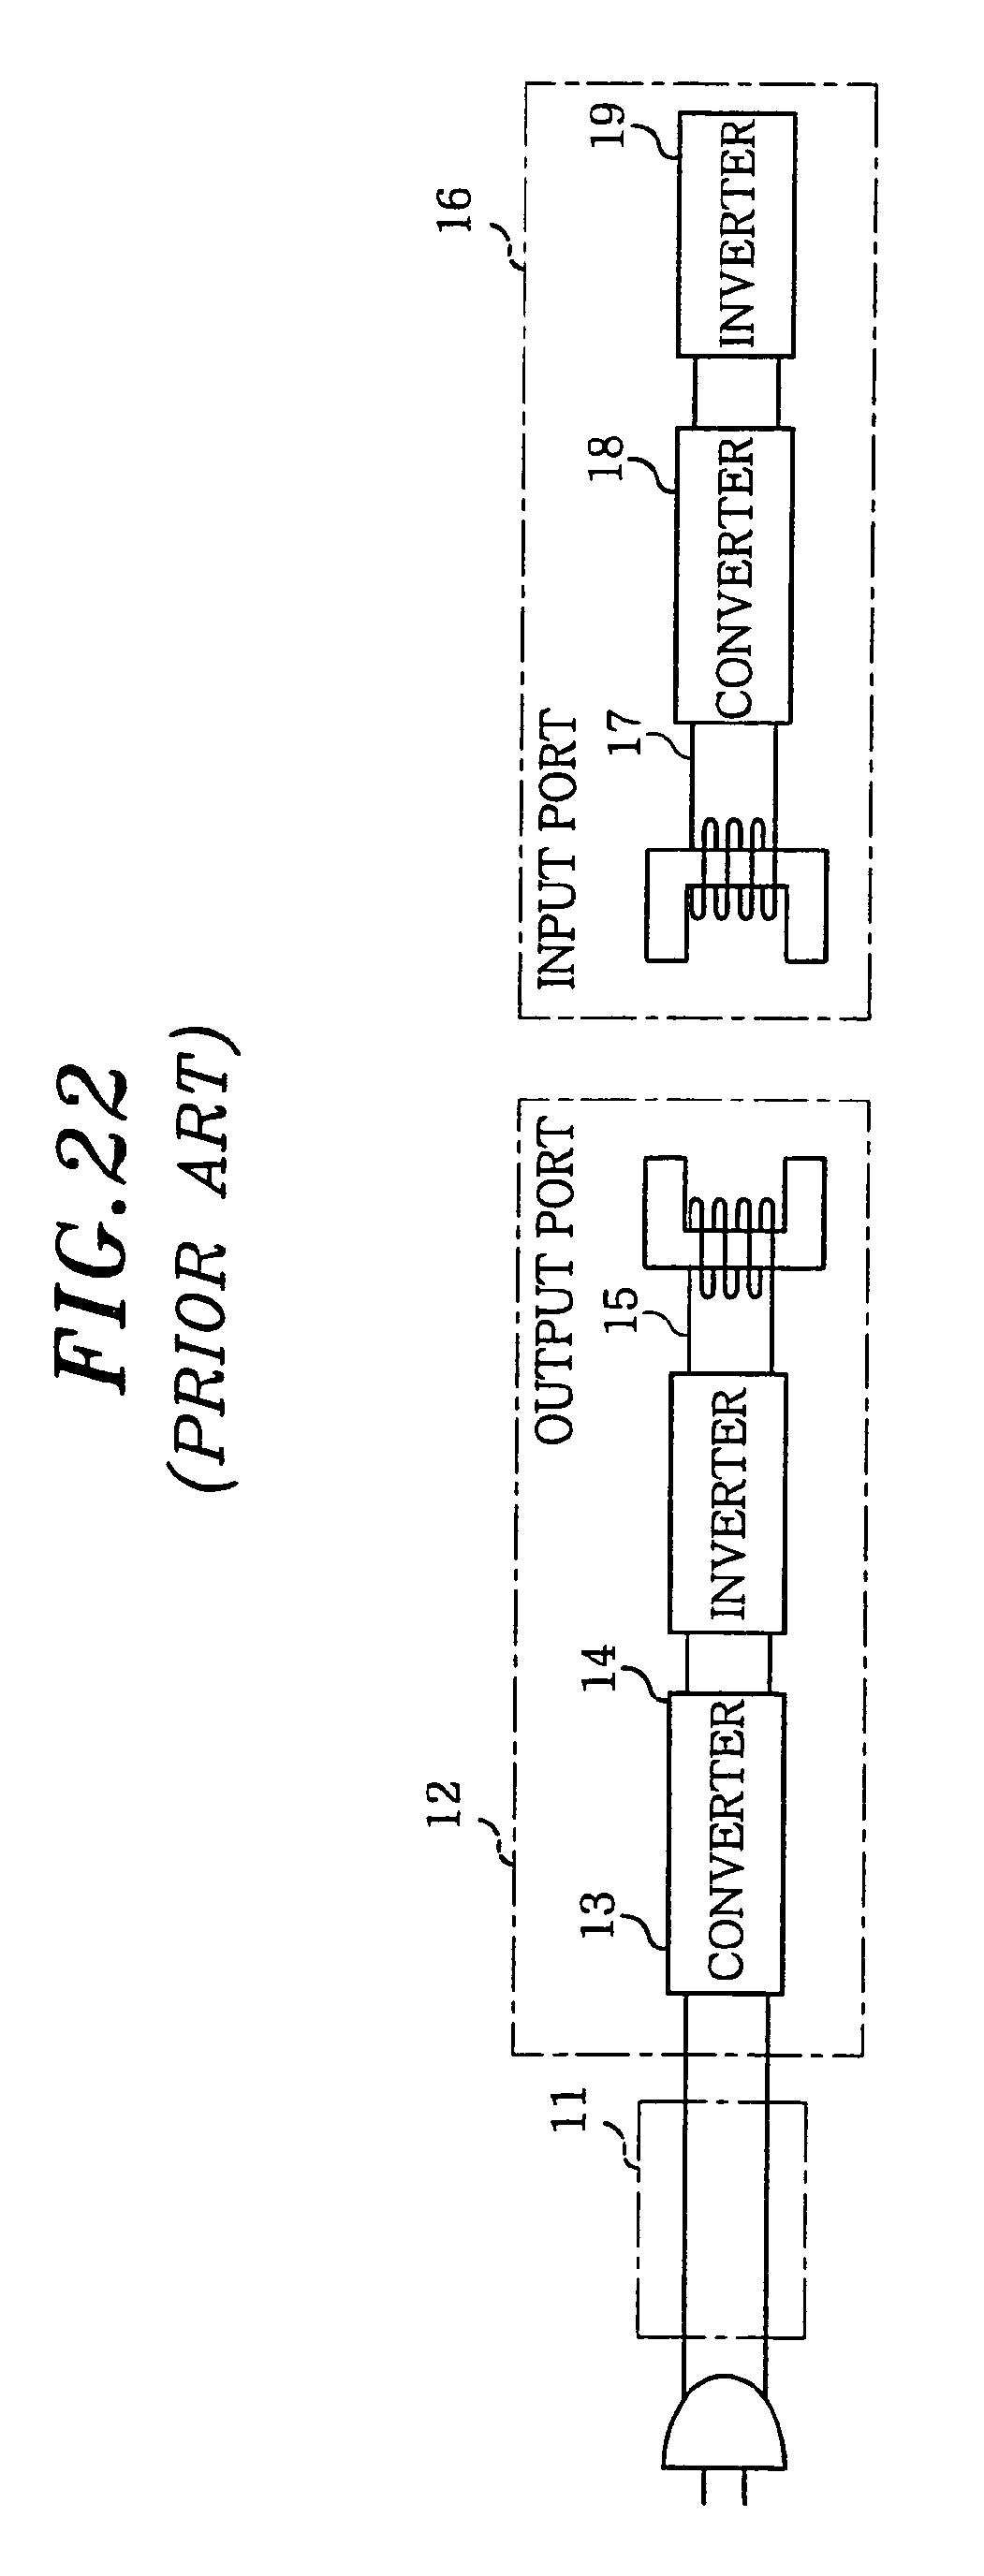 专利ep1780862a2 - power supply system - google